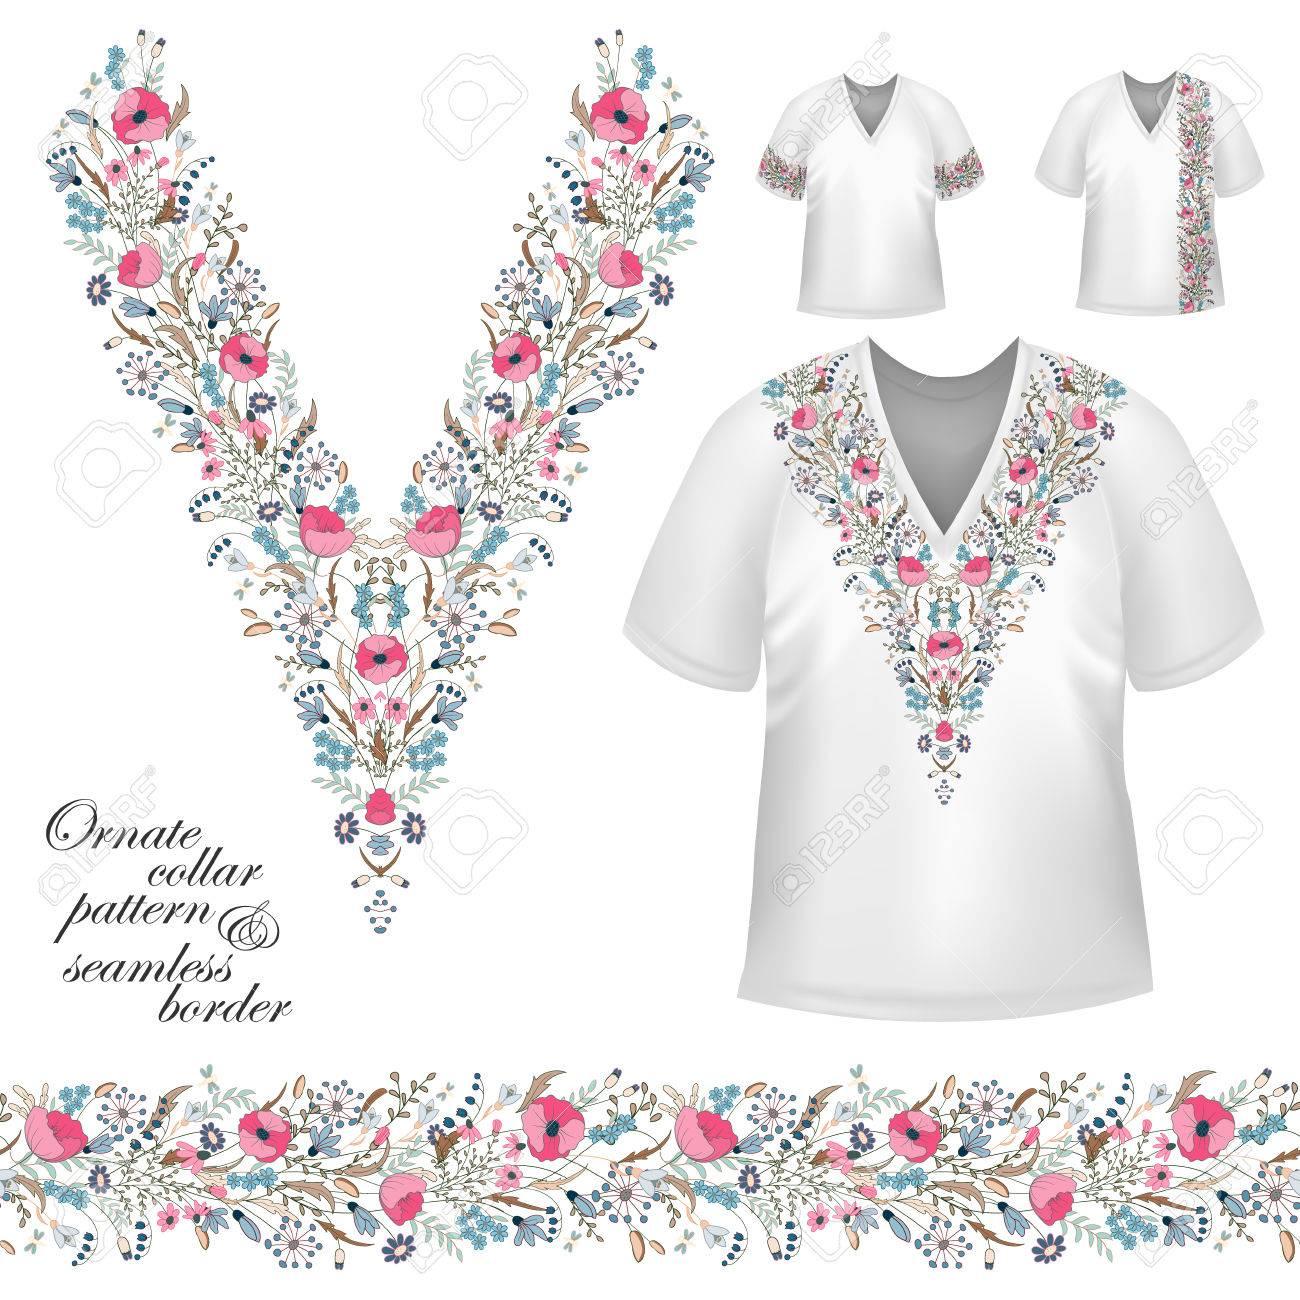 110aa20723f4c Foto de archivo - Vector de diseño de camisas de cuello